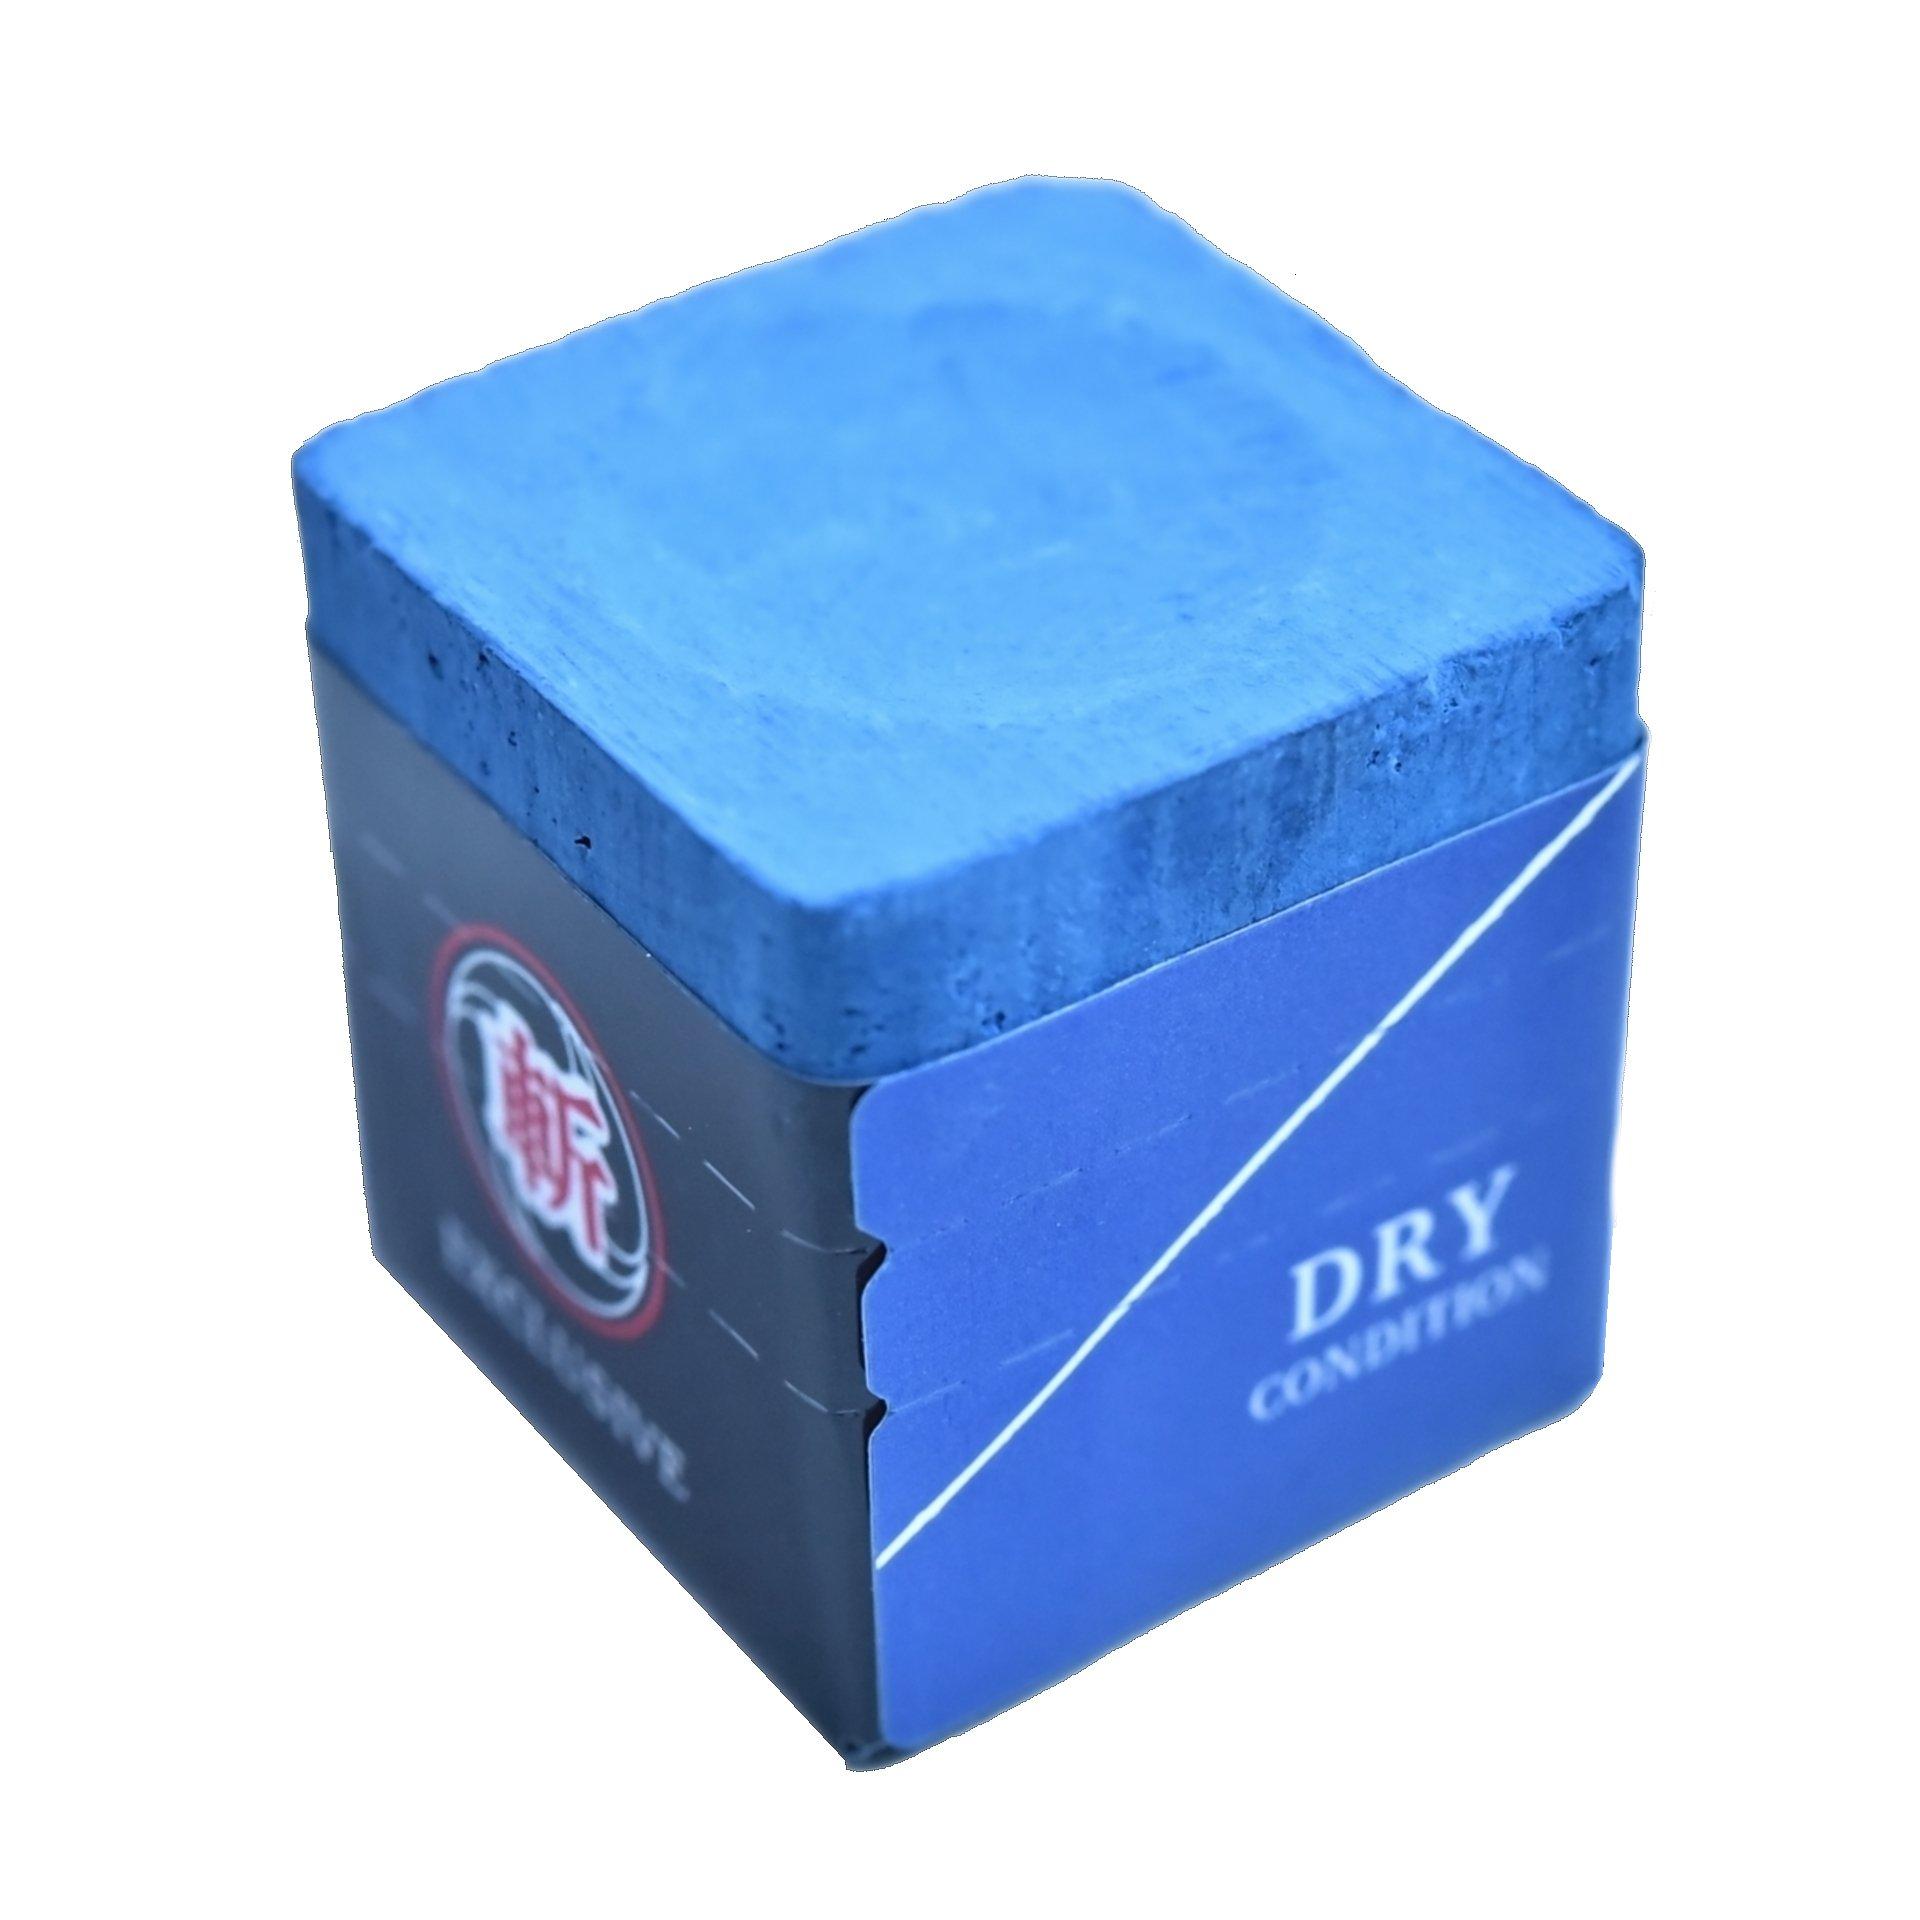 斬チョーク【Dry condition】